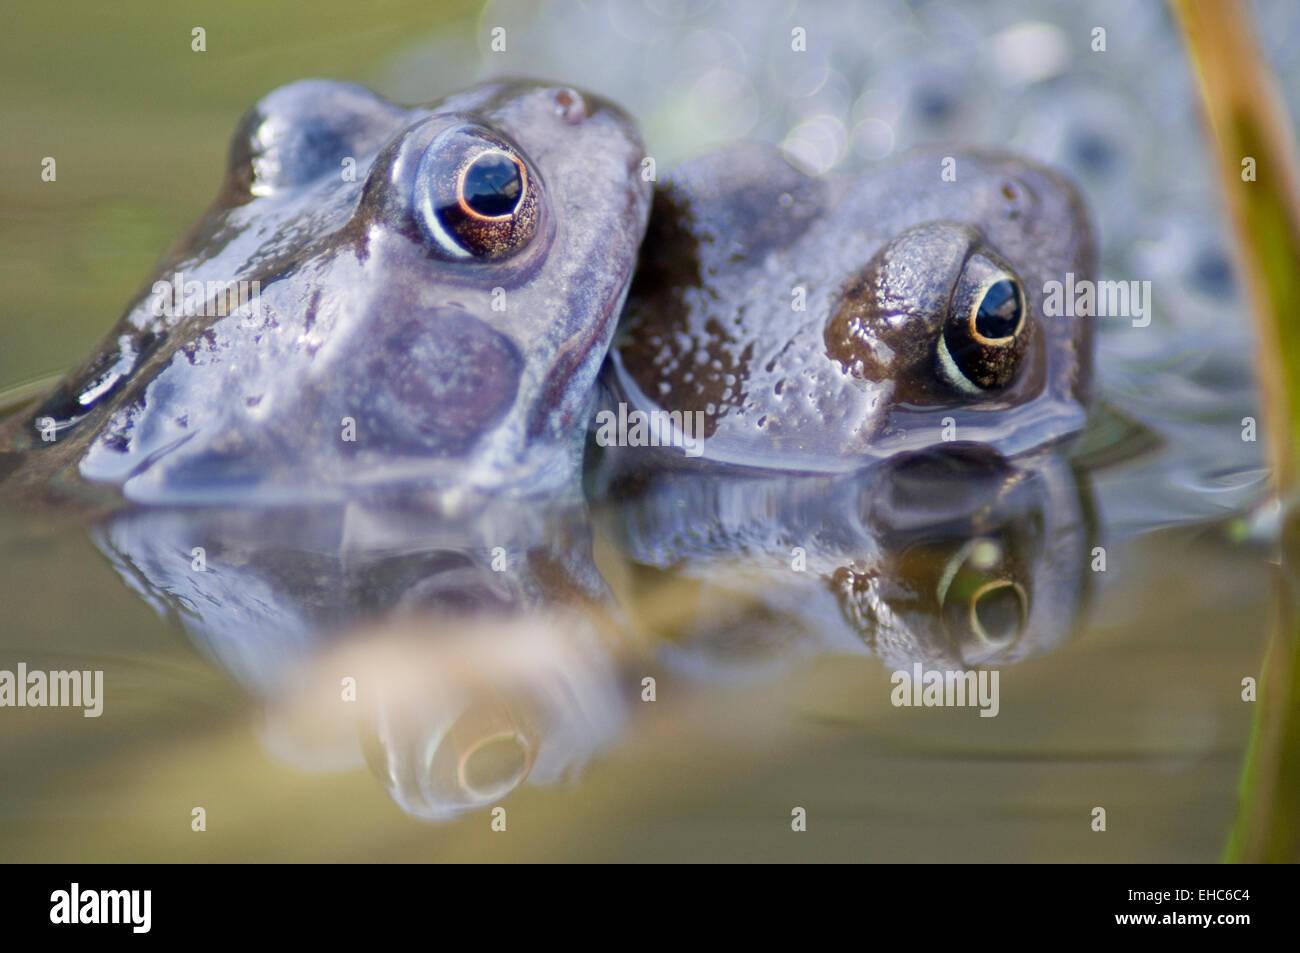 Un par de Ranas Comunes Británica (Rana temporaria) a desovar en un estanque de jardín en East Yorkshire Foto de stock